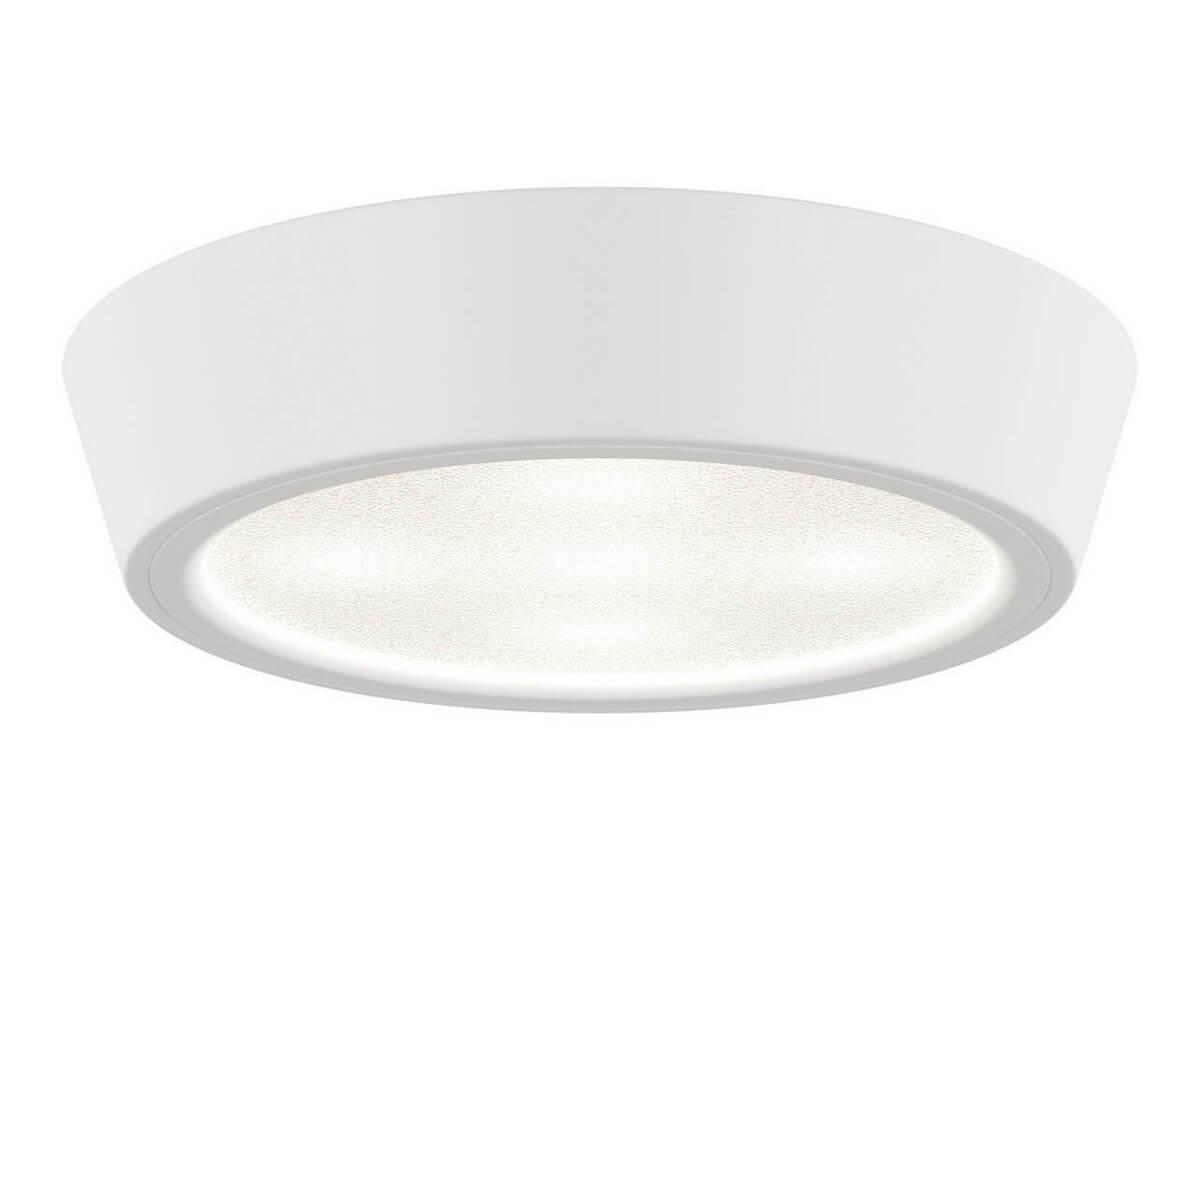 Светильник Lightstar 214902 Urbano